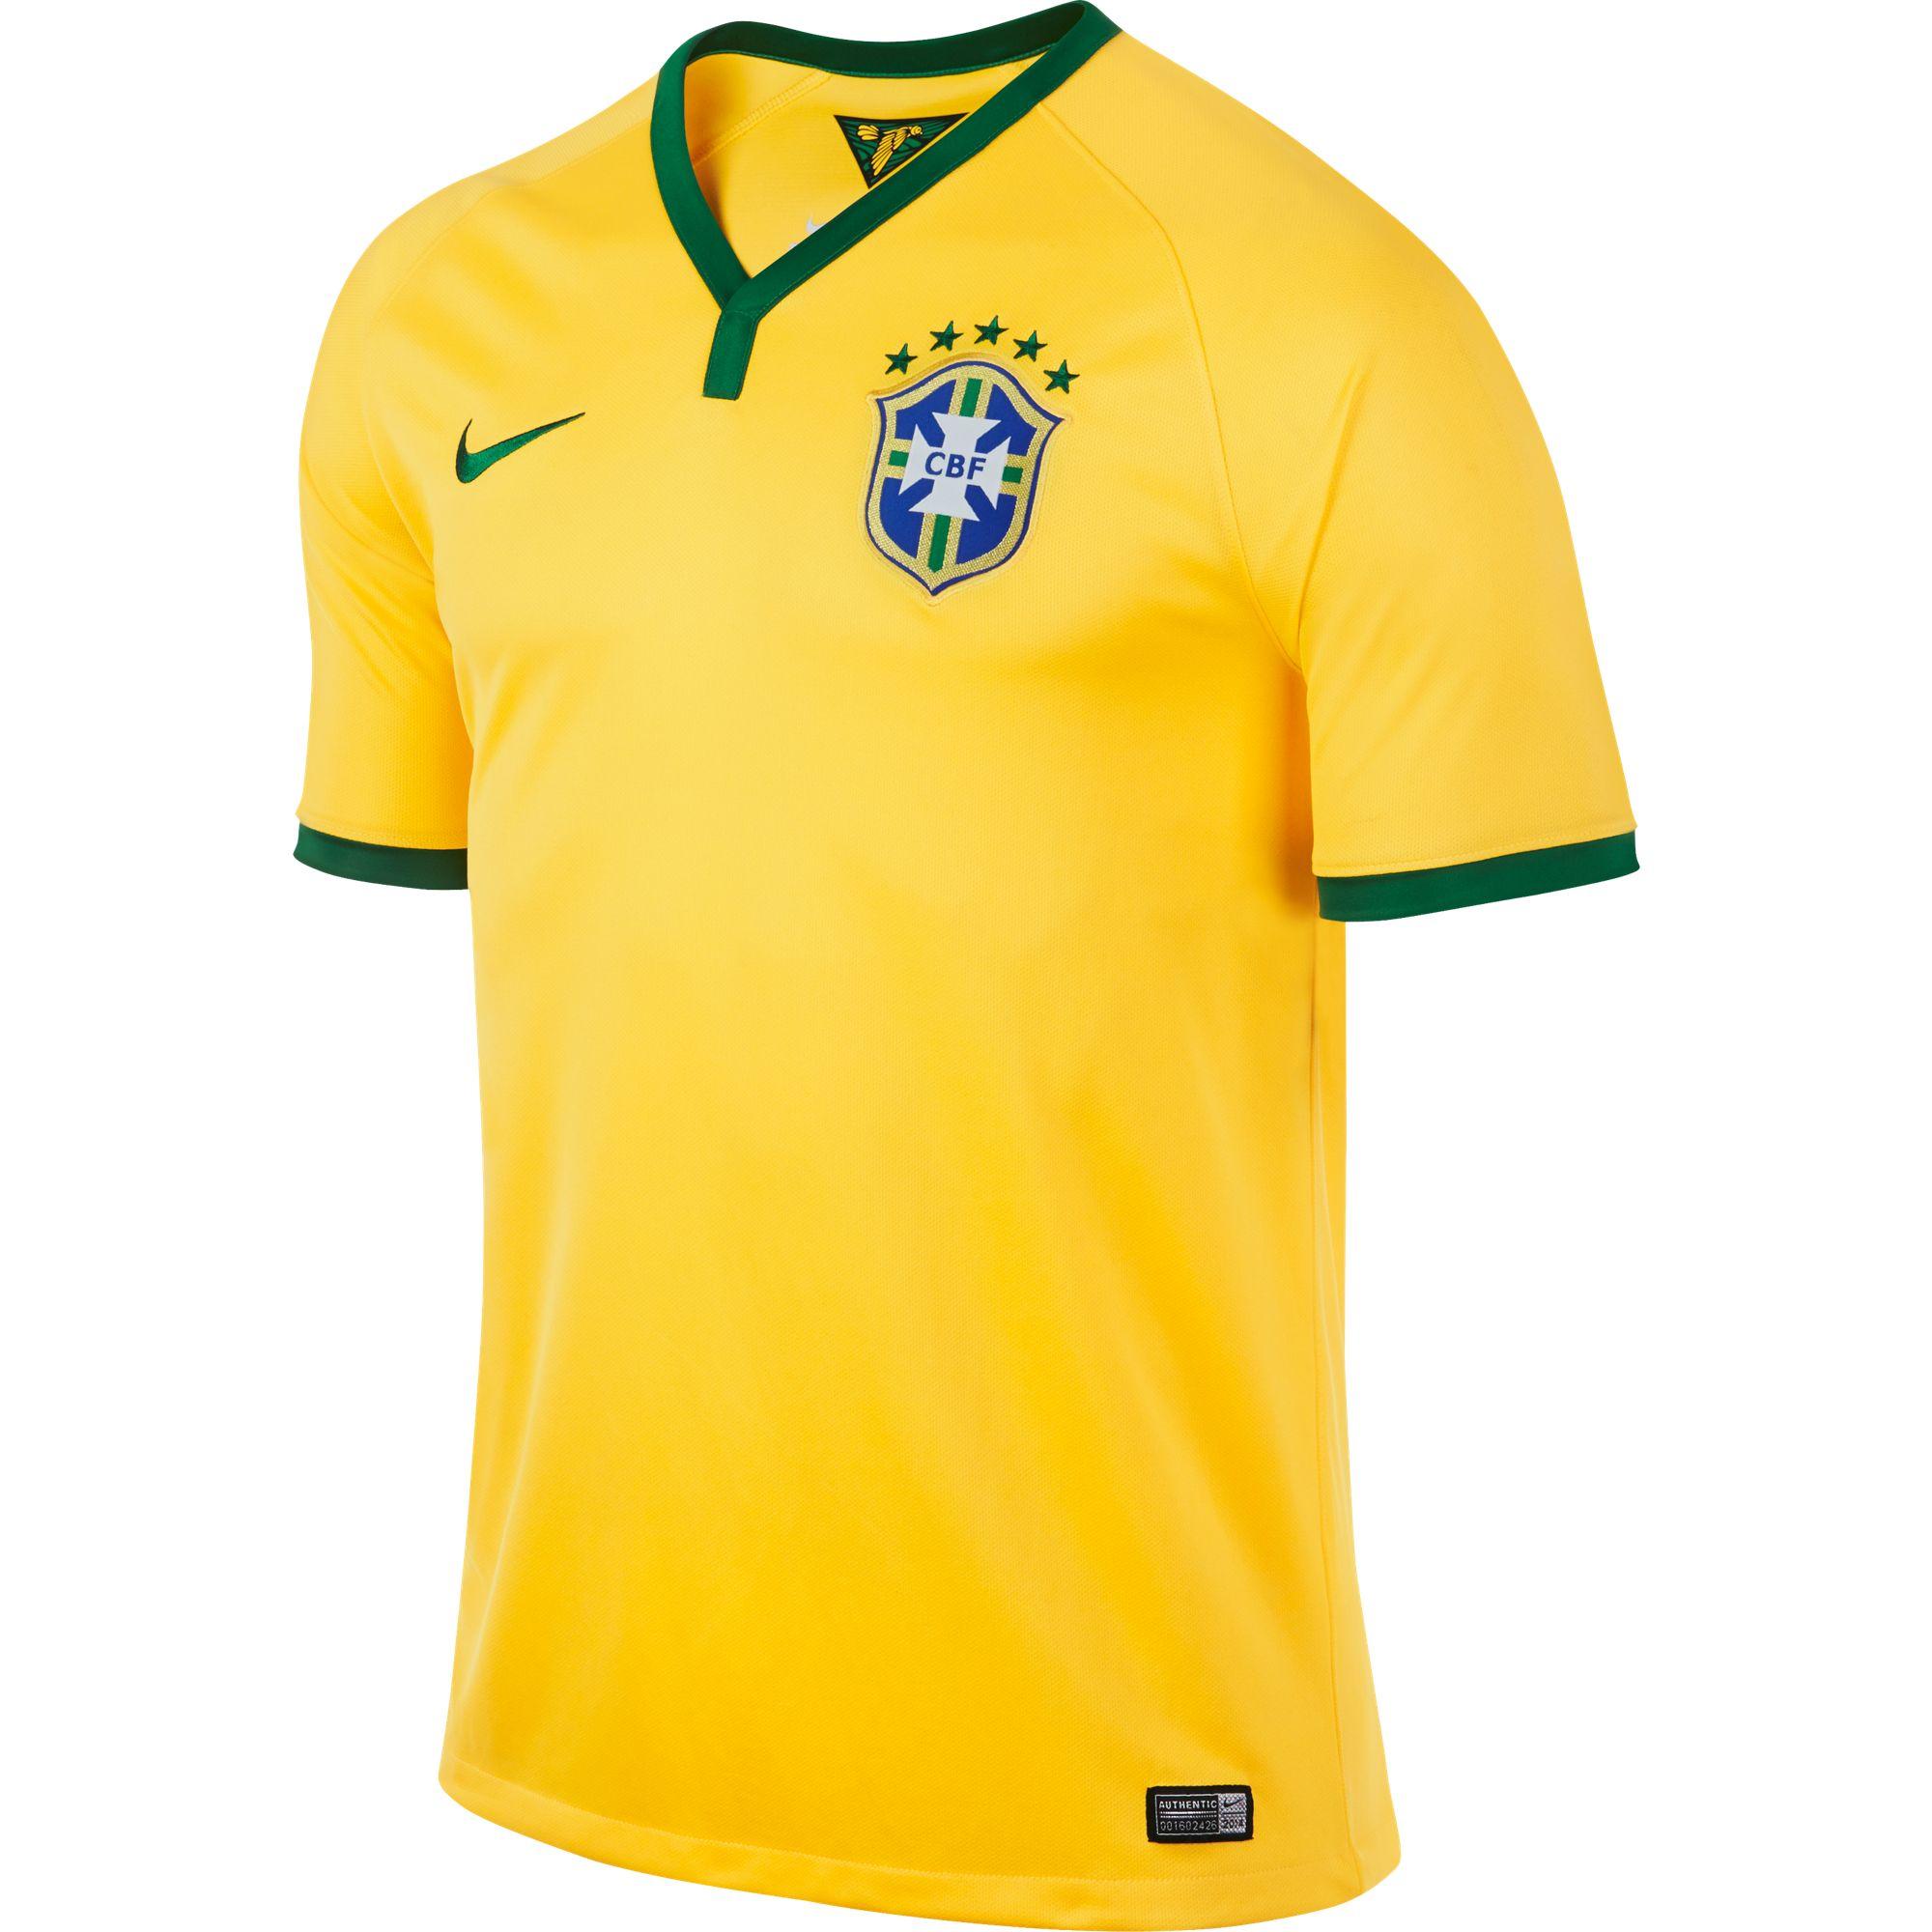 official photos c2b49 d007f Brazil soccer jerseys | Brazil soccer jersey | Soccer Box